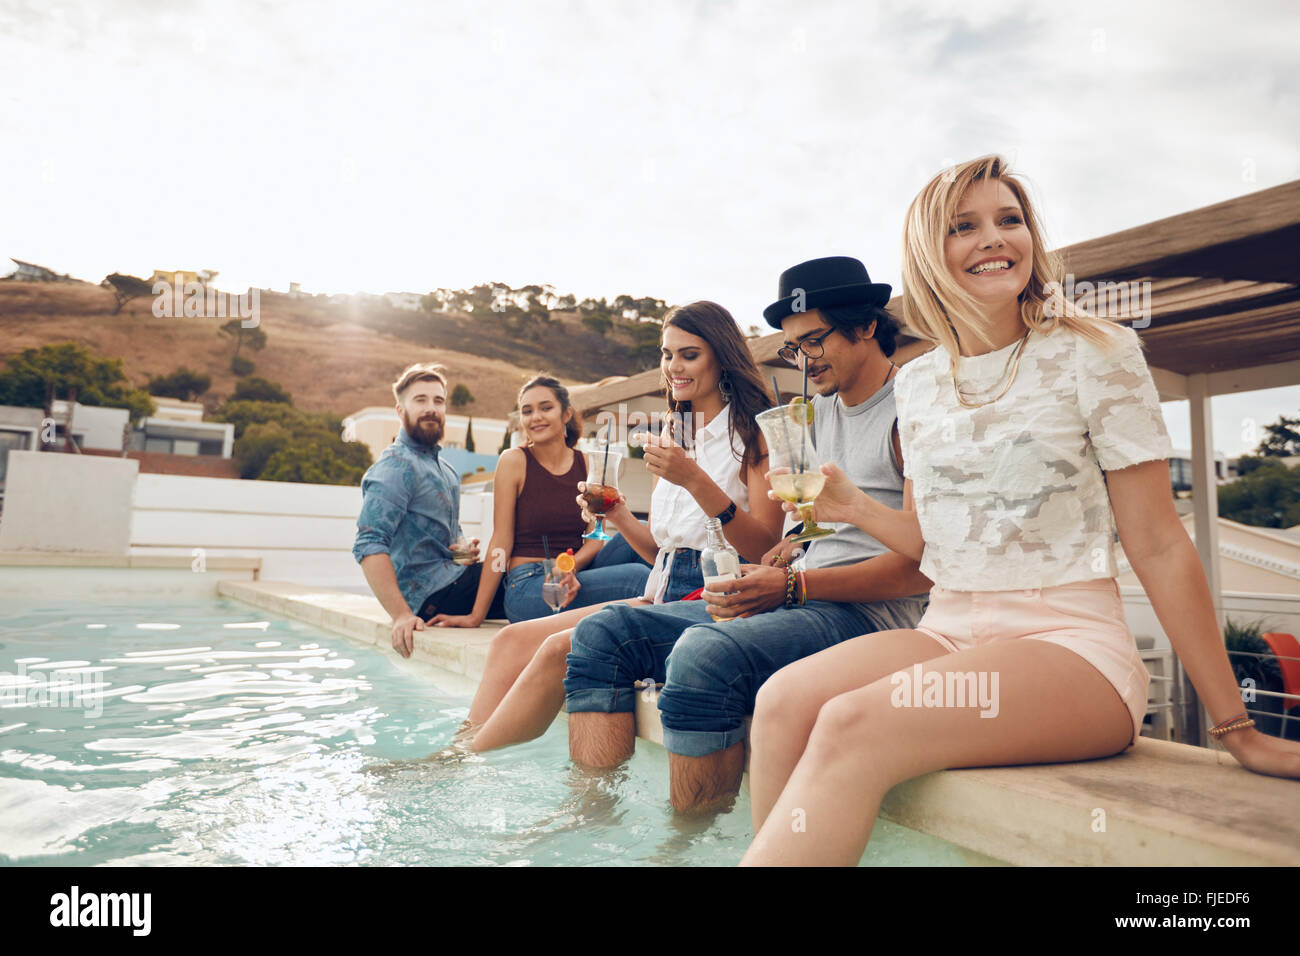 Grupo multiétnico de jóvenes paseándose por la piscina la celebración de cócteles. Feliz amigos disfrutando de fiesta en la piscina. Foto de stock